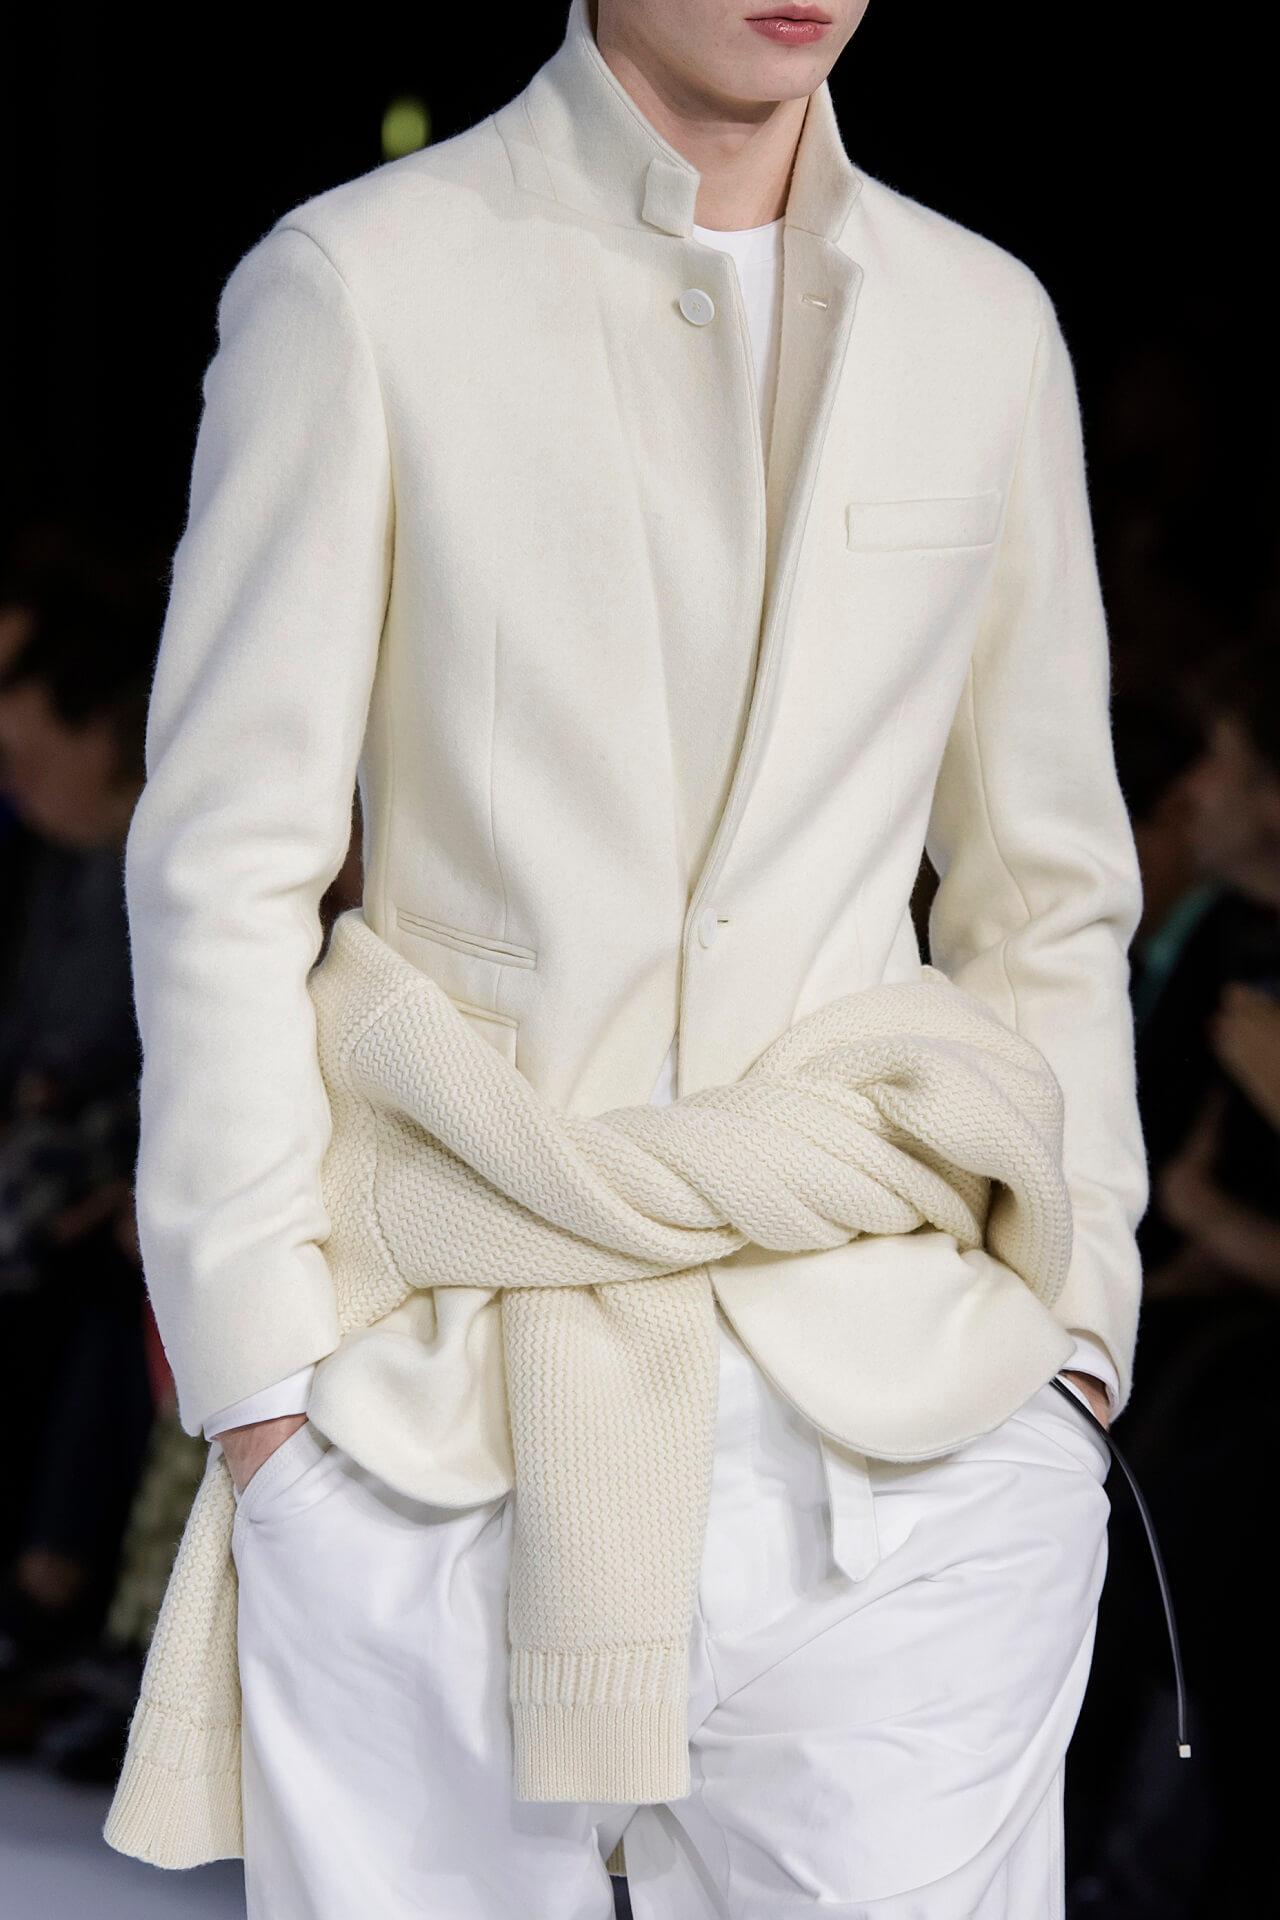 Четкий план: 10 вариаций самого модного пиджака осенне-зимнего сезона 2020/21-Фото 7